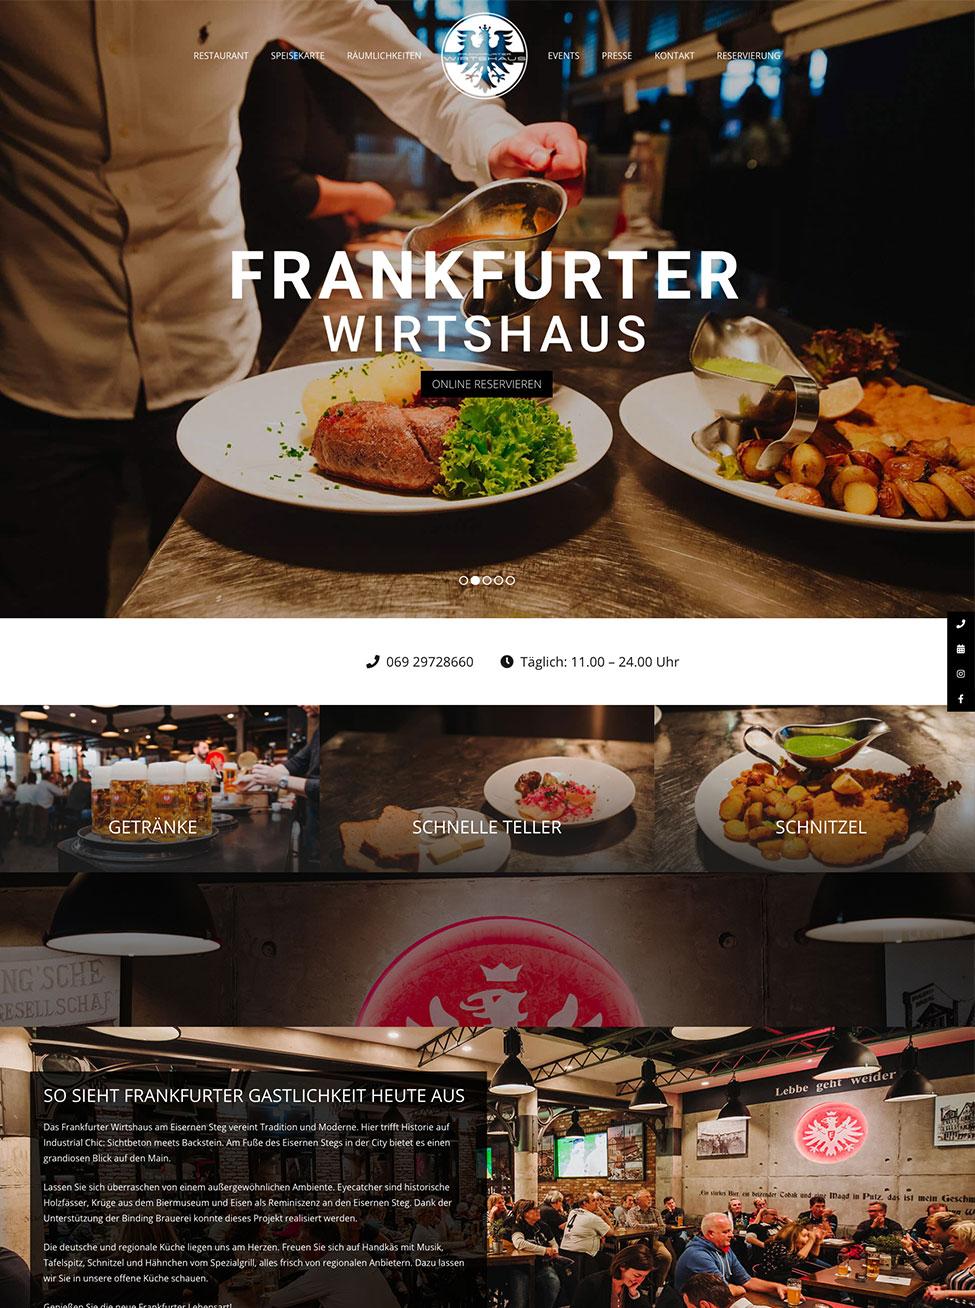 Frankfurter Wirtshaus |Restaurant